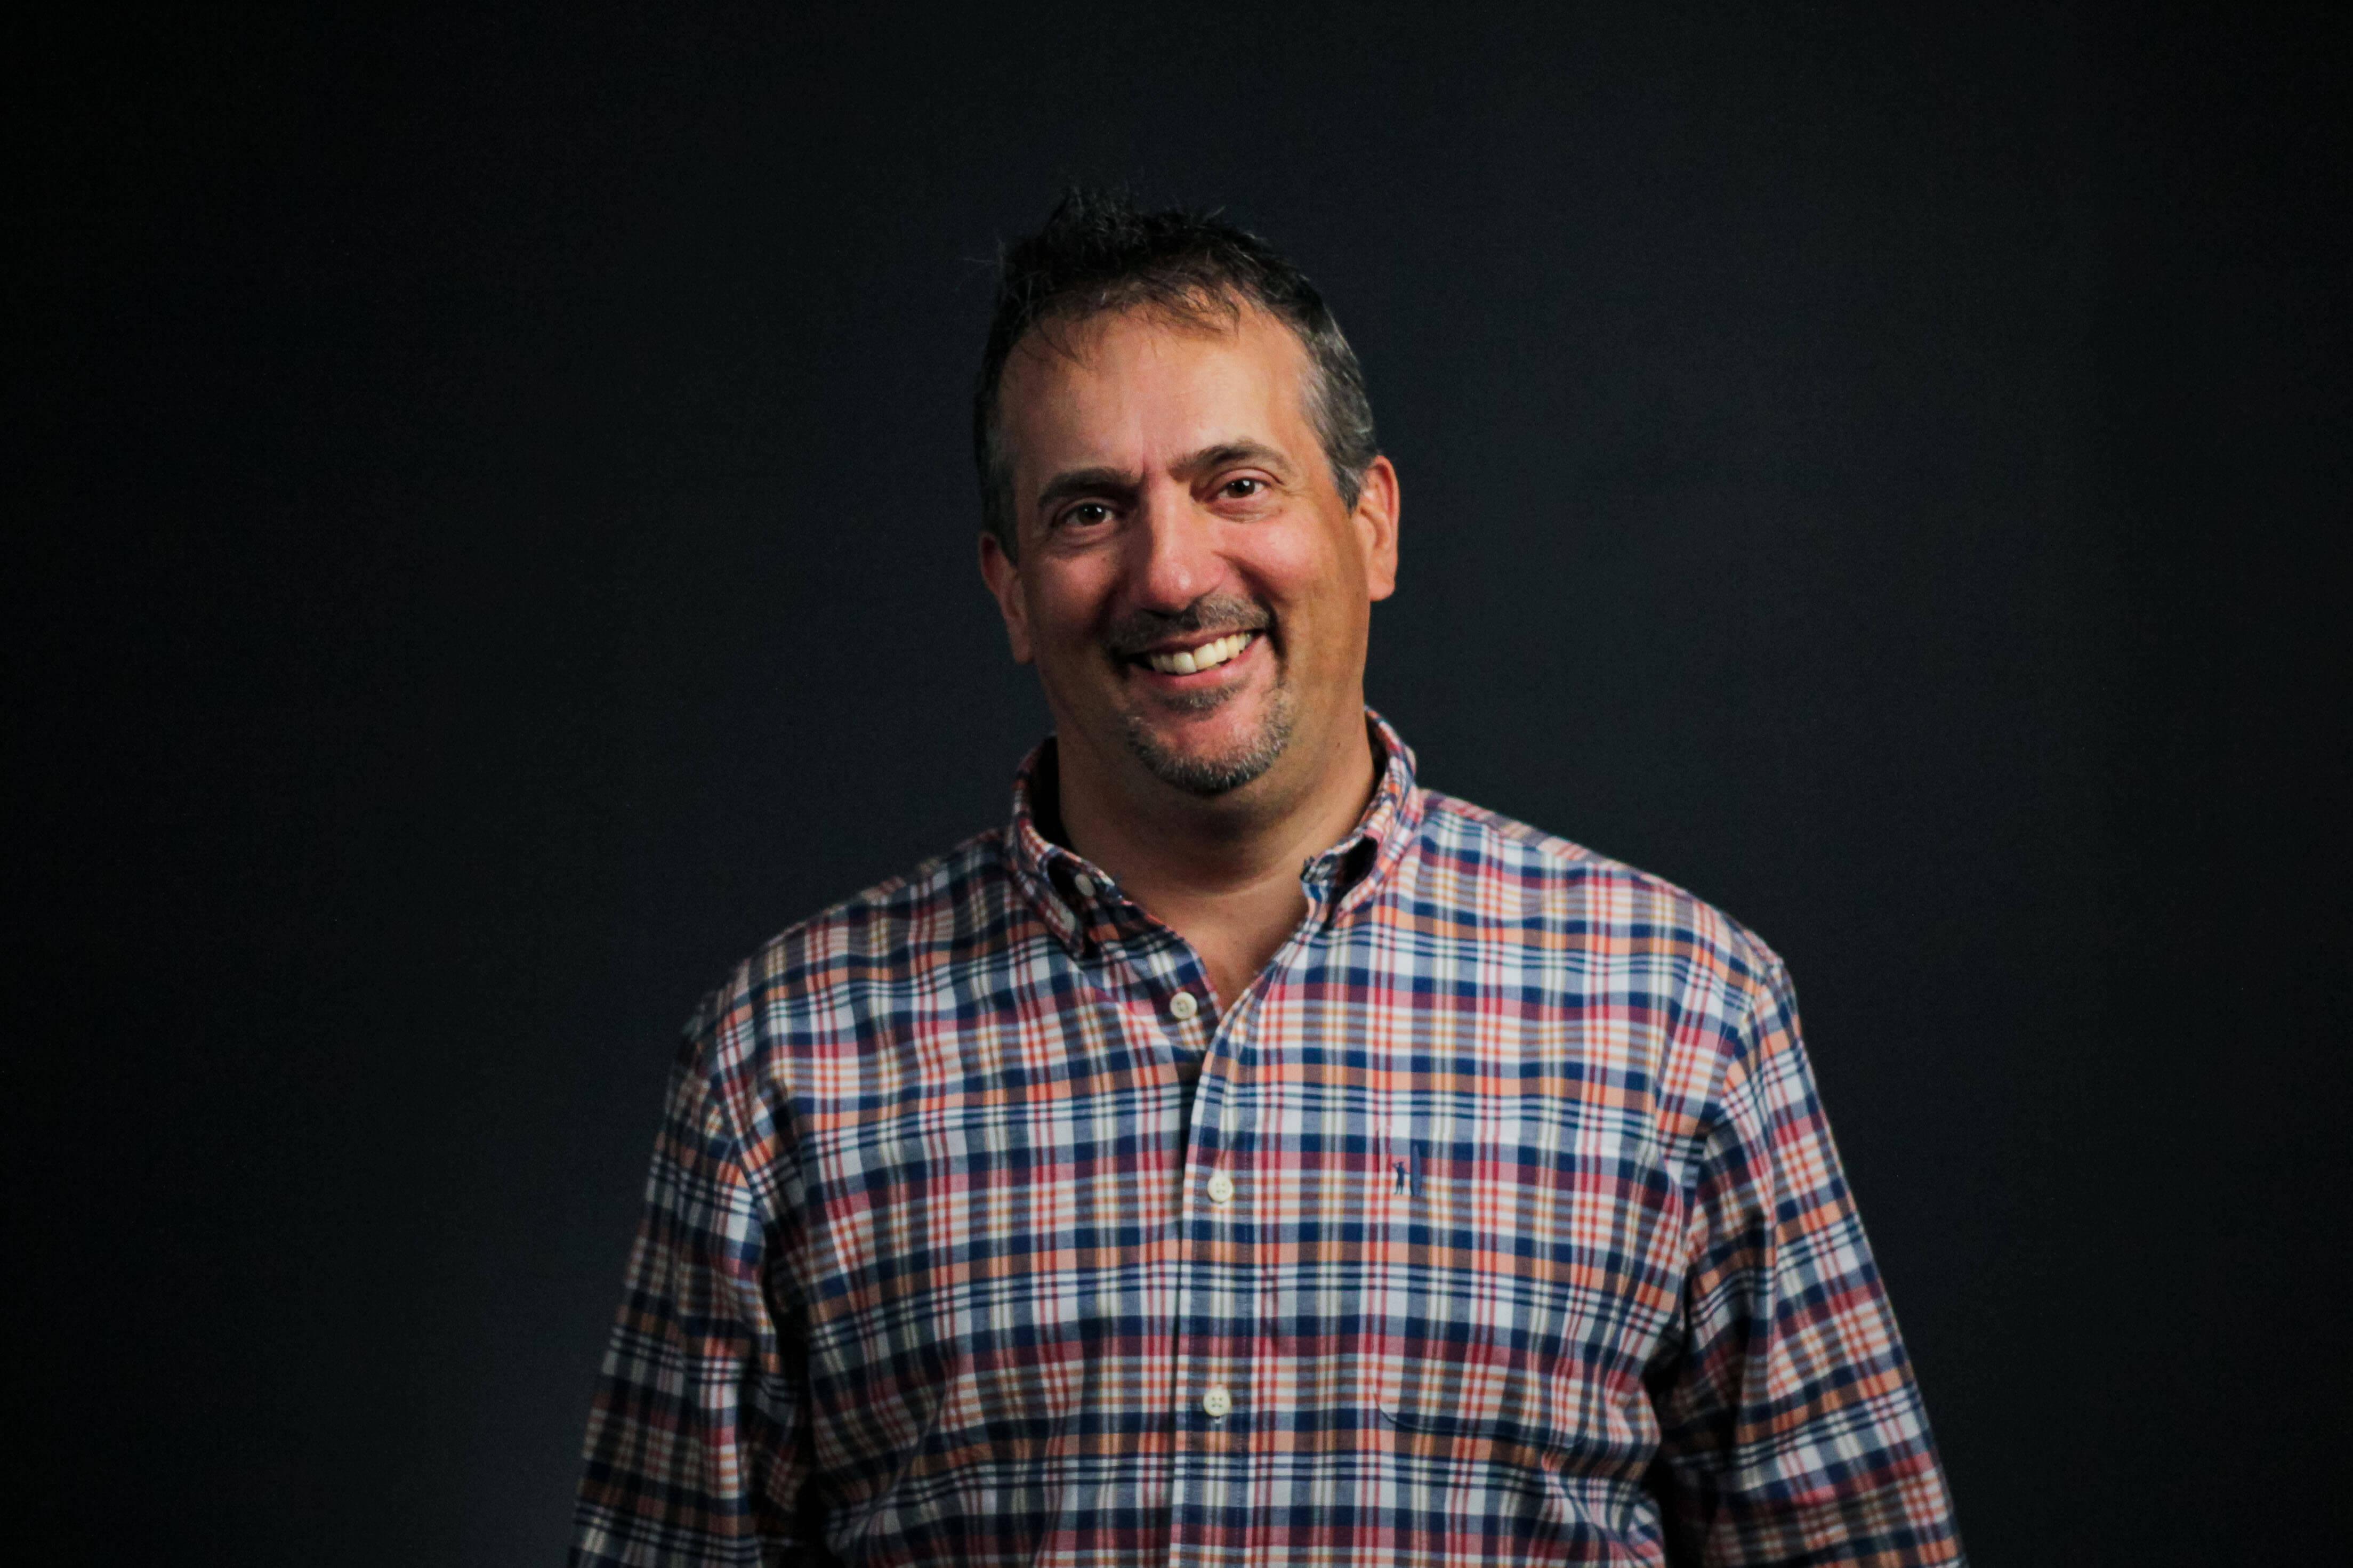 Joe Pelletier